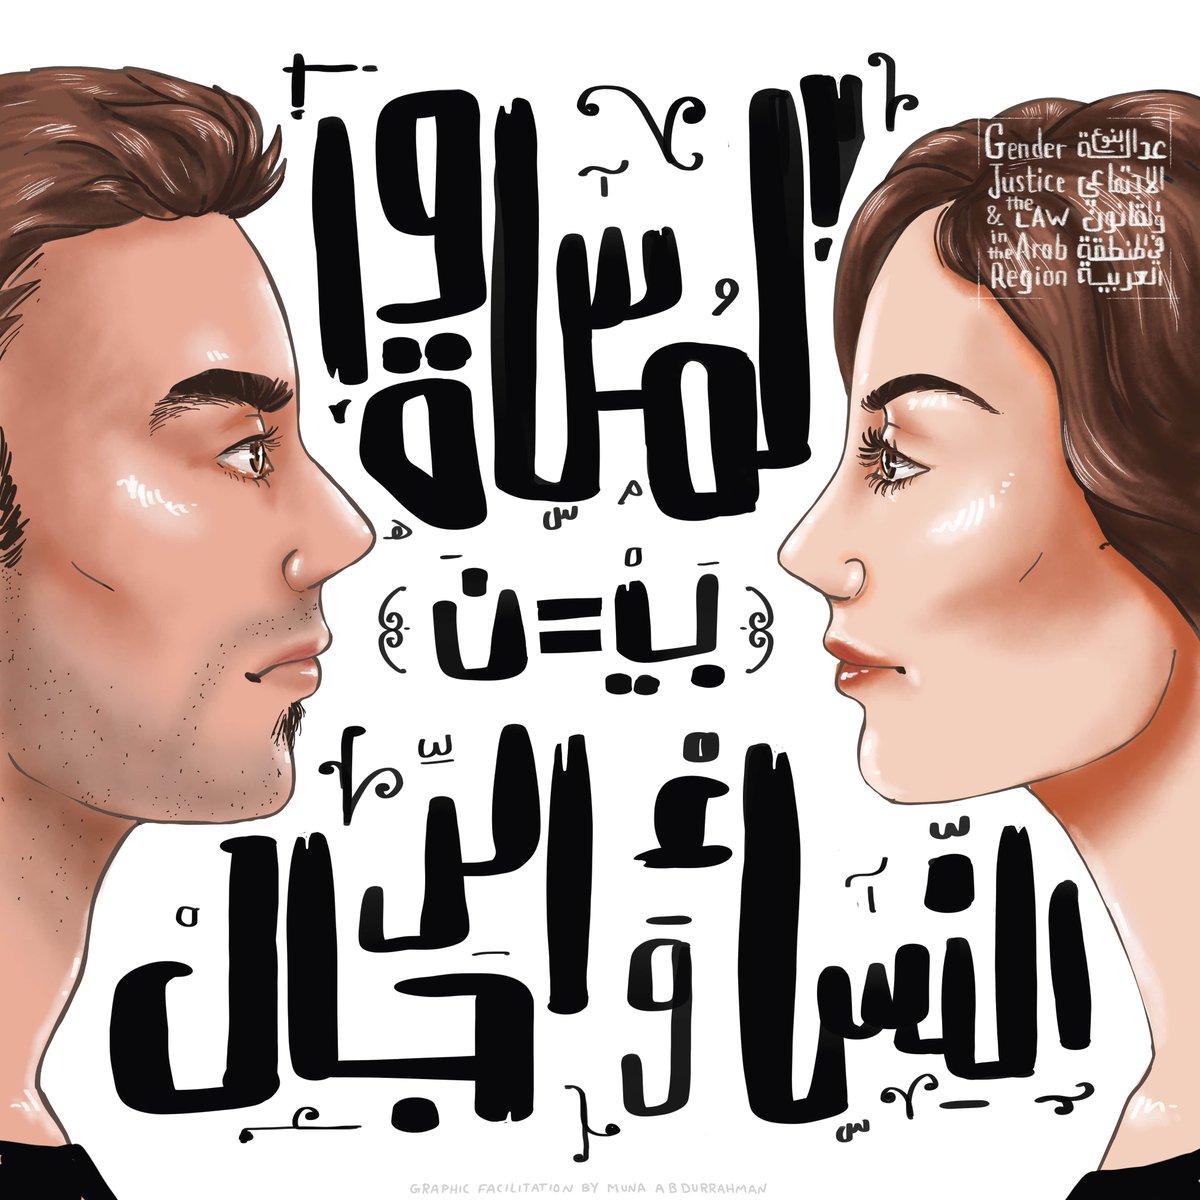 عدالة النوع الاجتماعي والقانون